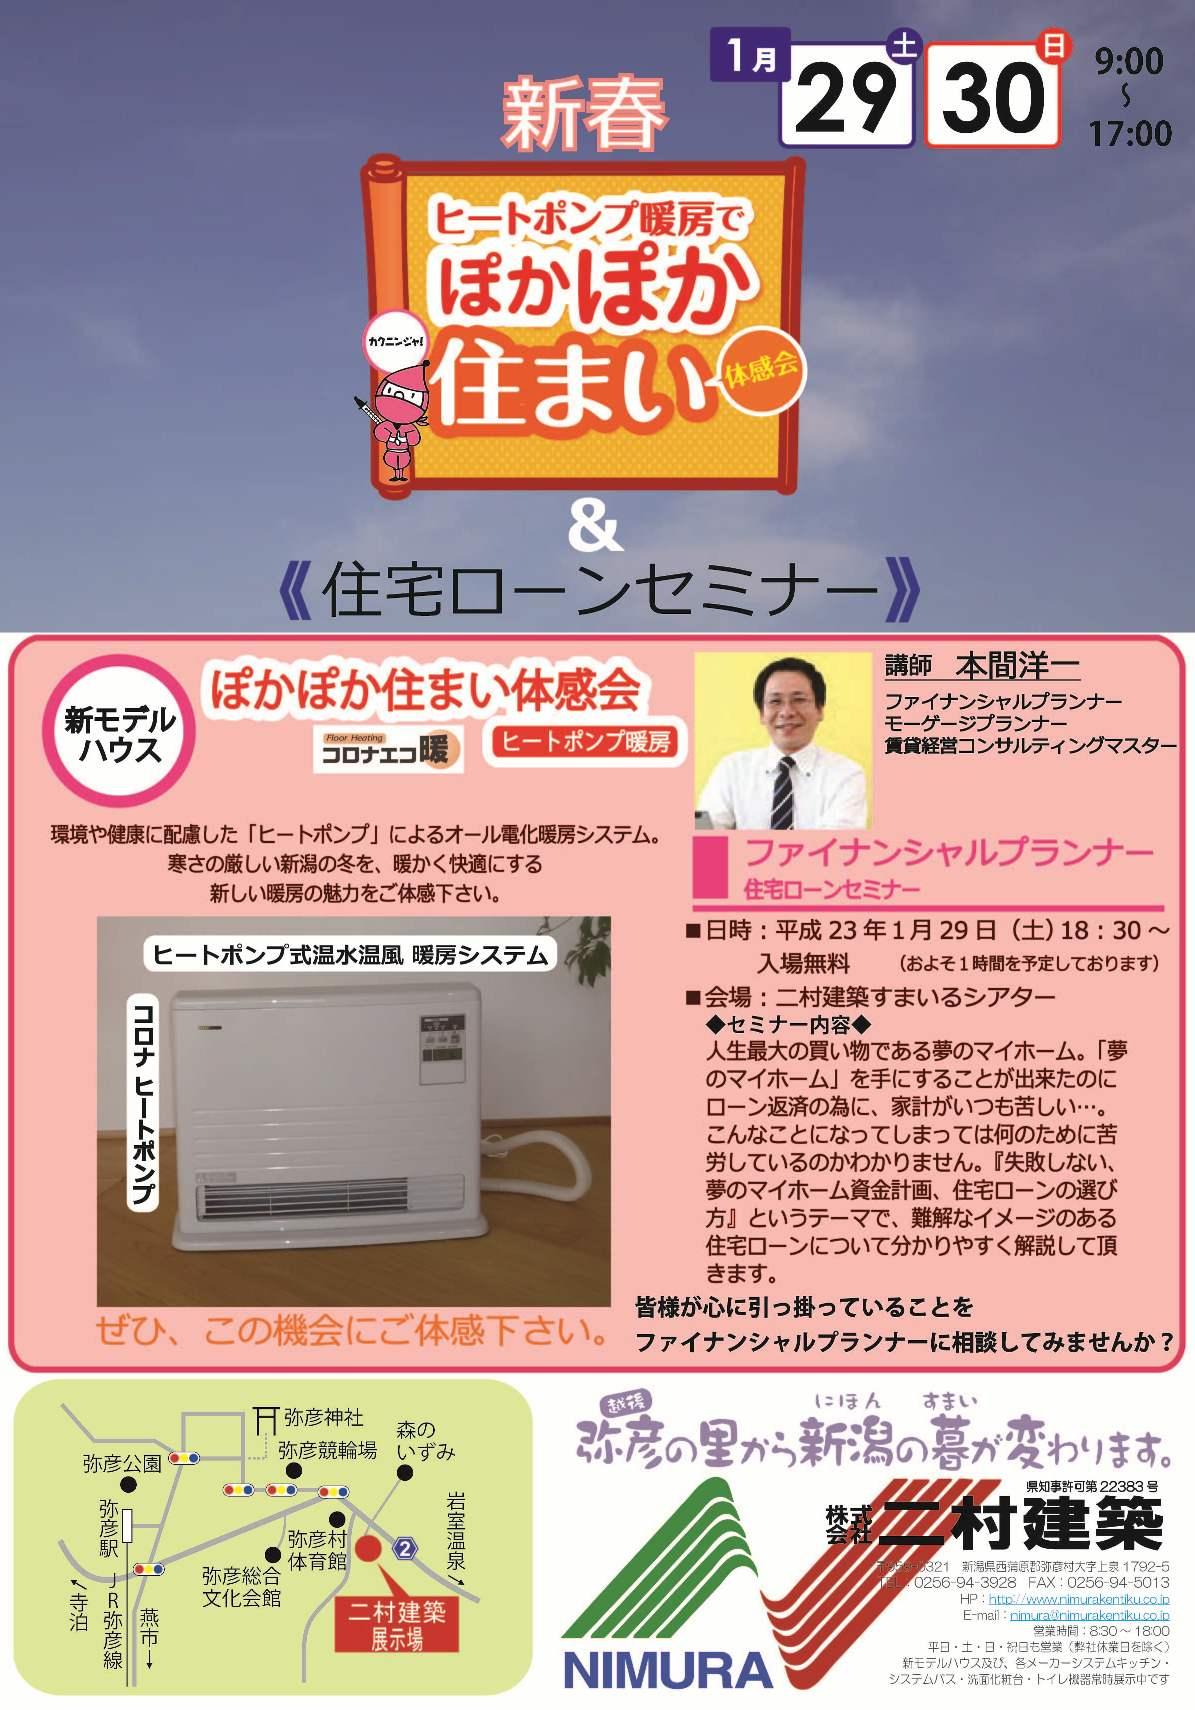 ぽかぽか住まい体感会&住宅ローンセミナー_c0170940_755157.jpg